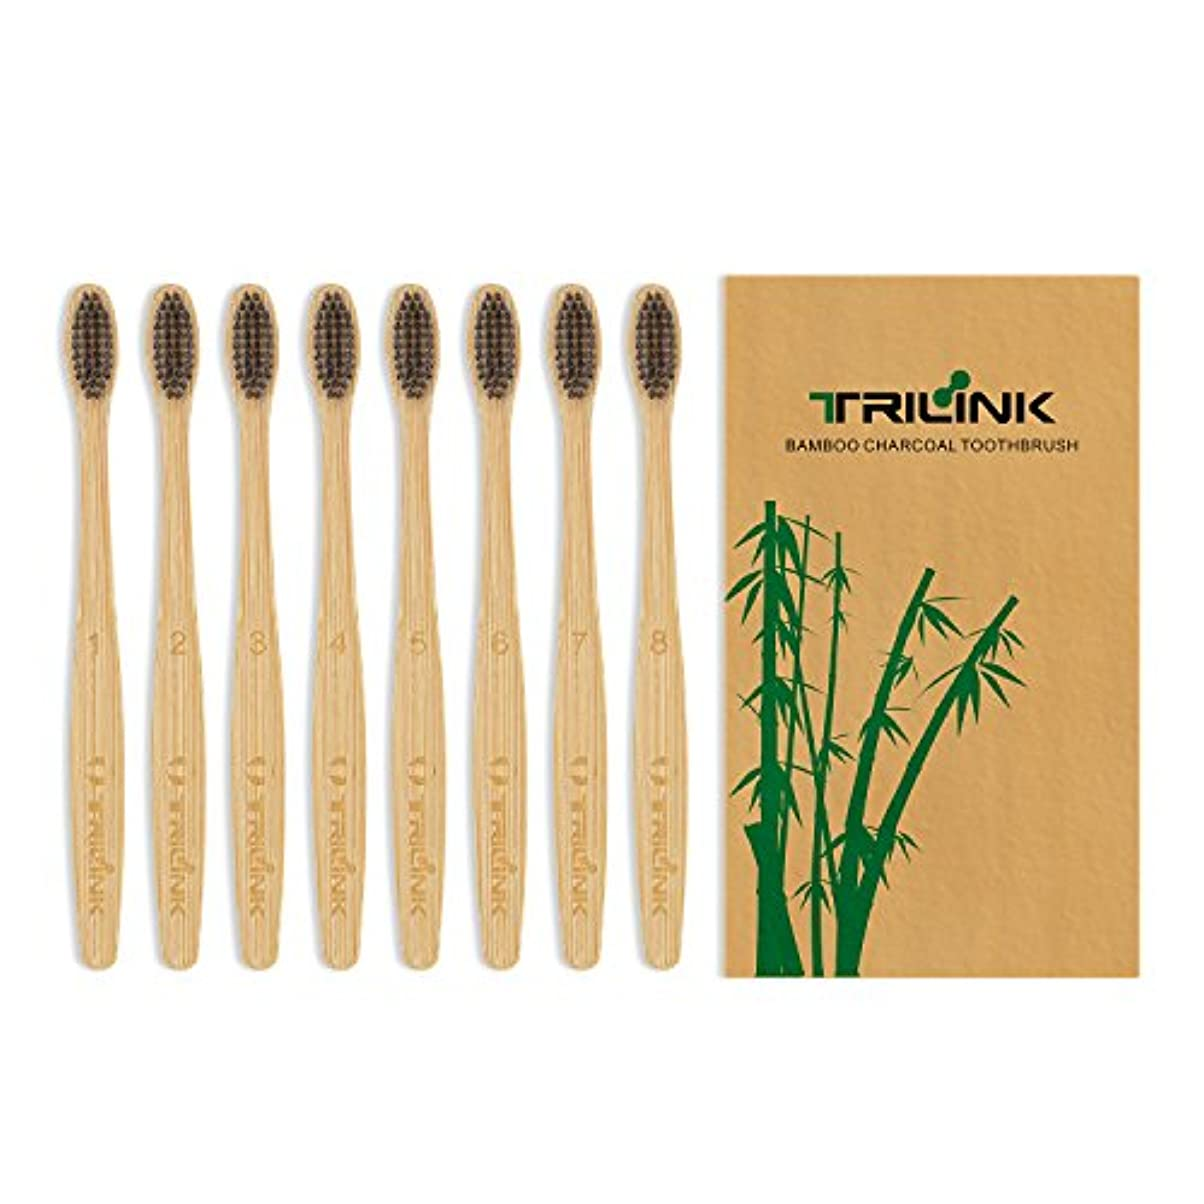 終了する発言する柔らかさ大人用竹の歯ブラシ(8本) 環境保護 天然の柔らかい ハブラシ【 活性炭を注入】